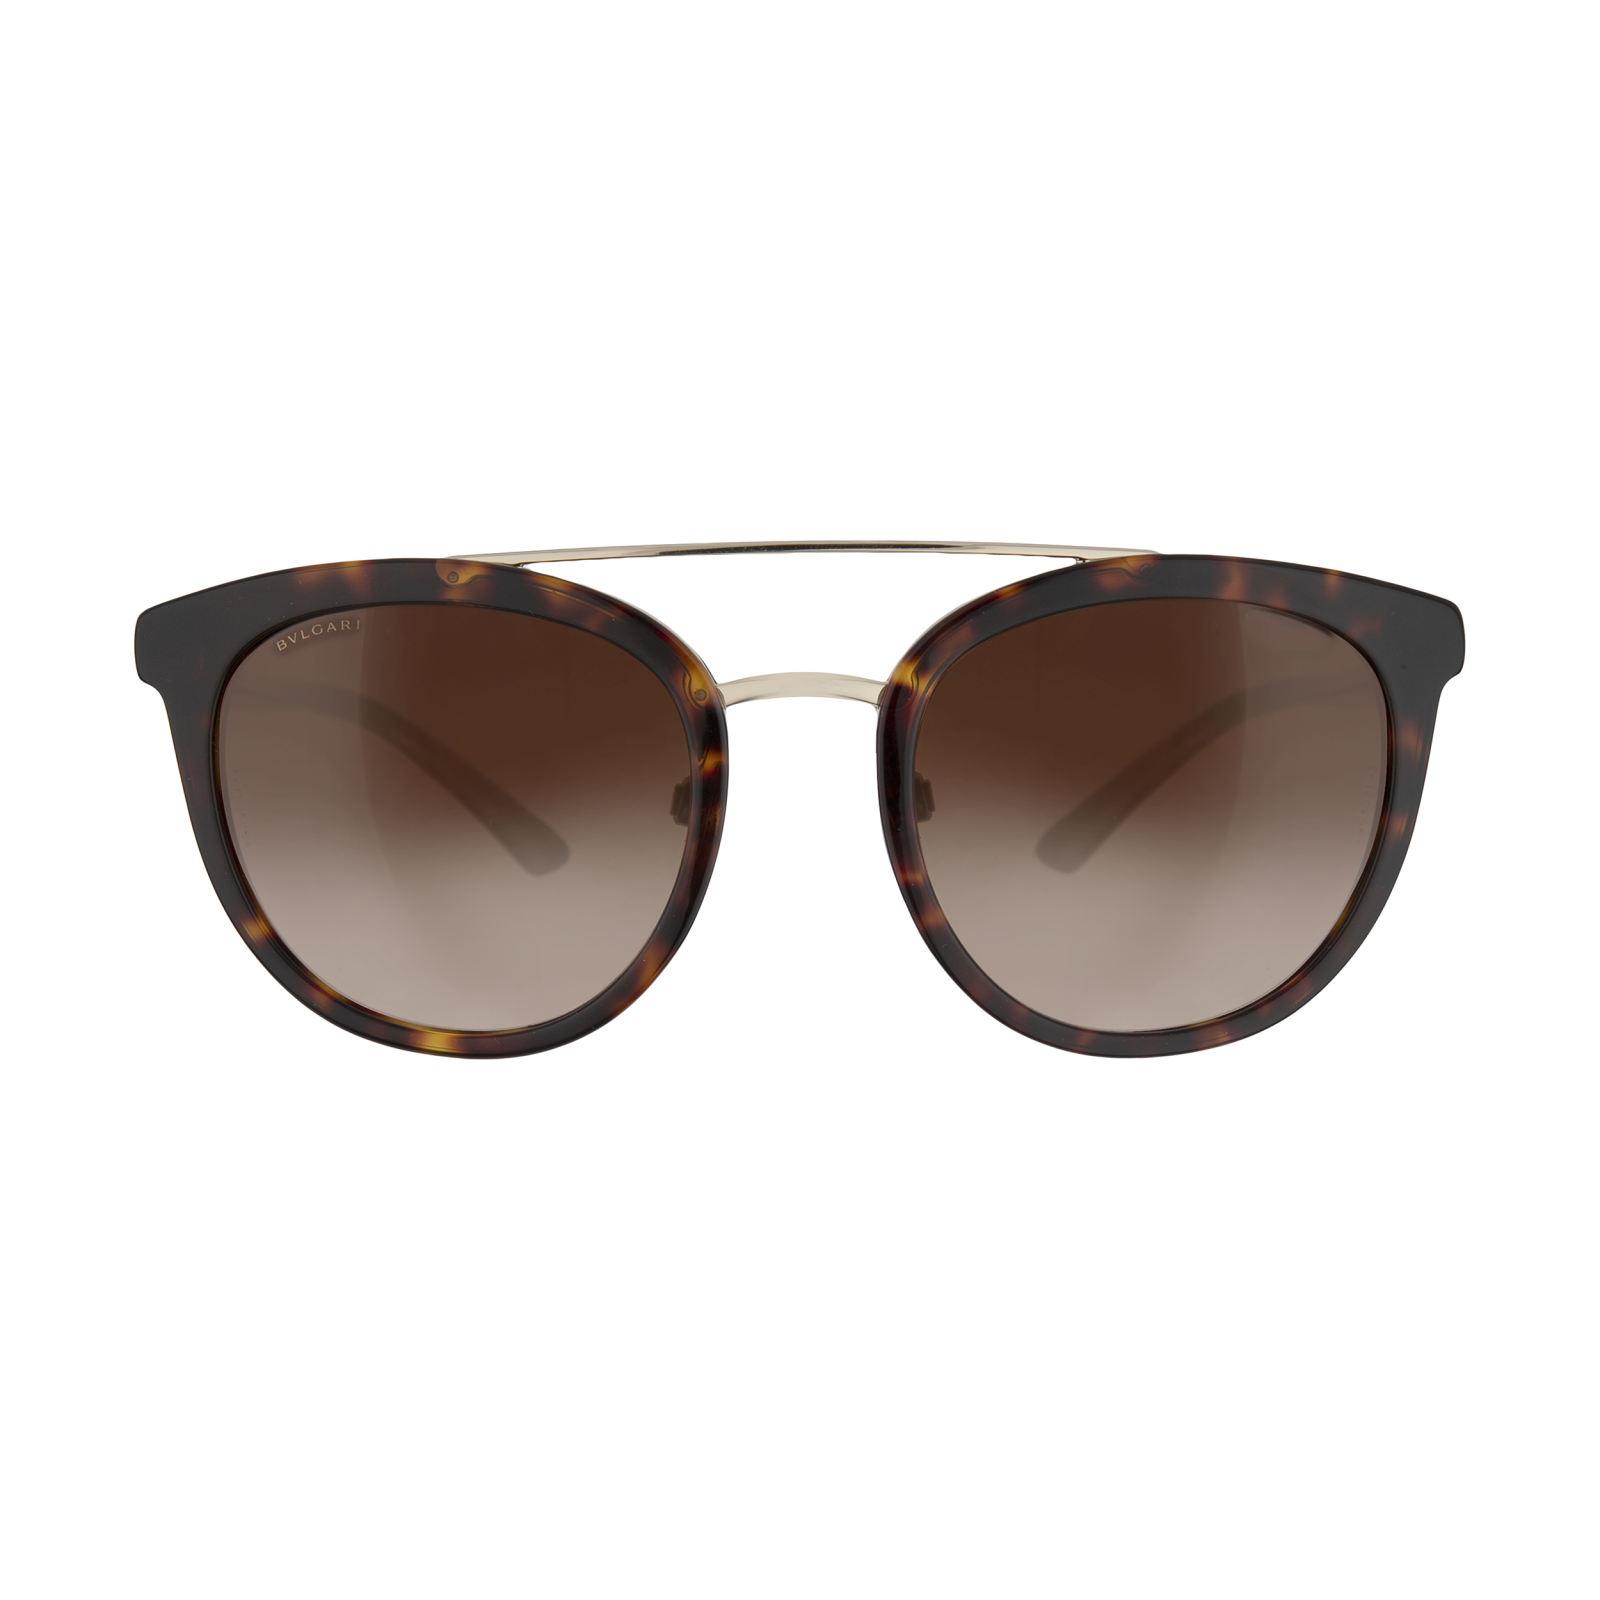 عینک آفتابی زنانه بولگاری مدل BV8184B 50413 -  - 2